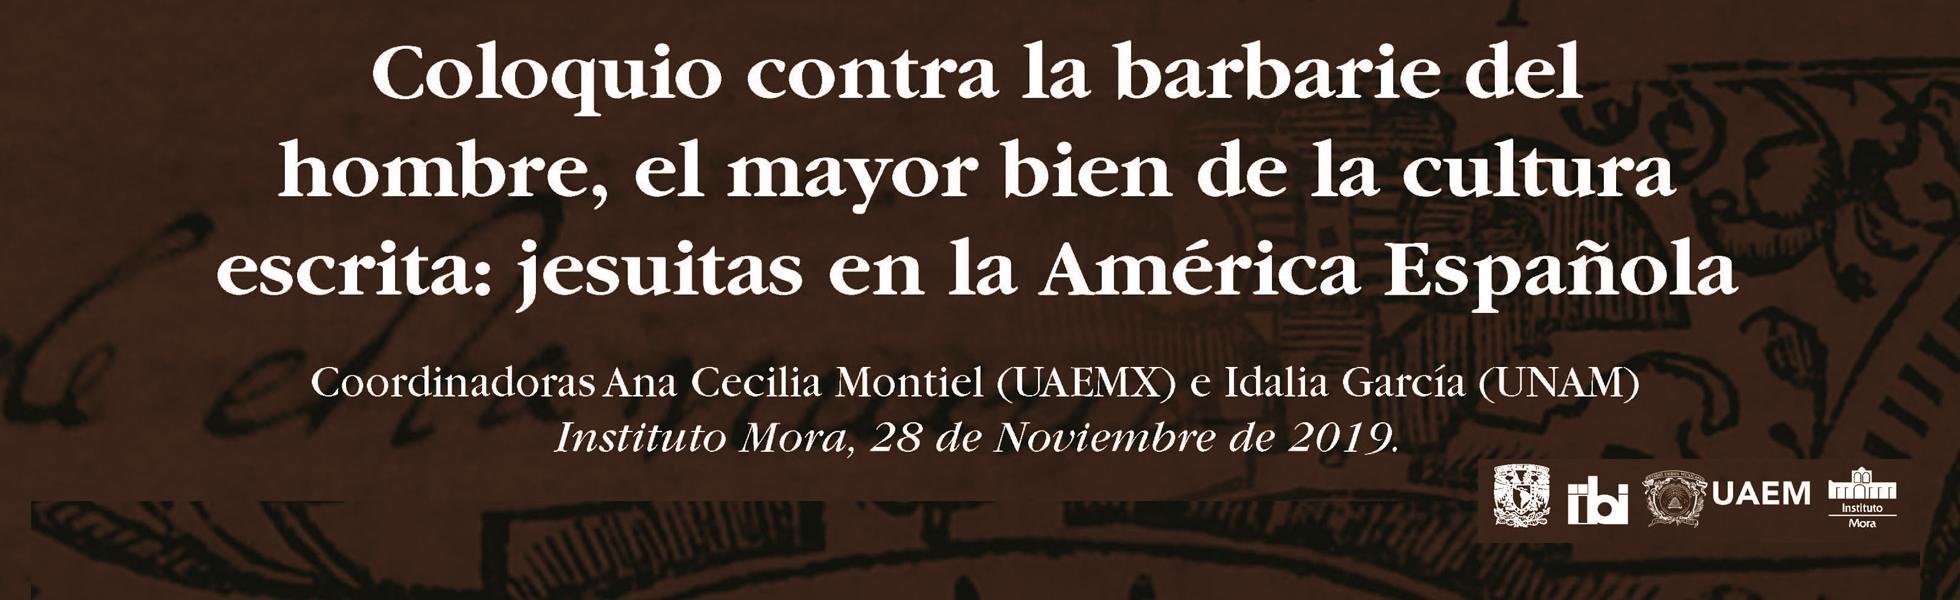 Jesuitas en la América Española